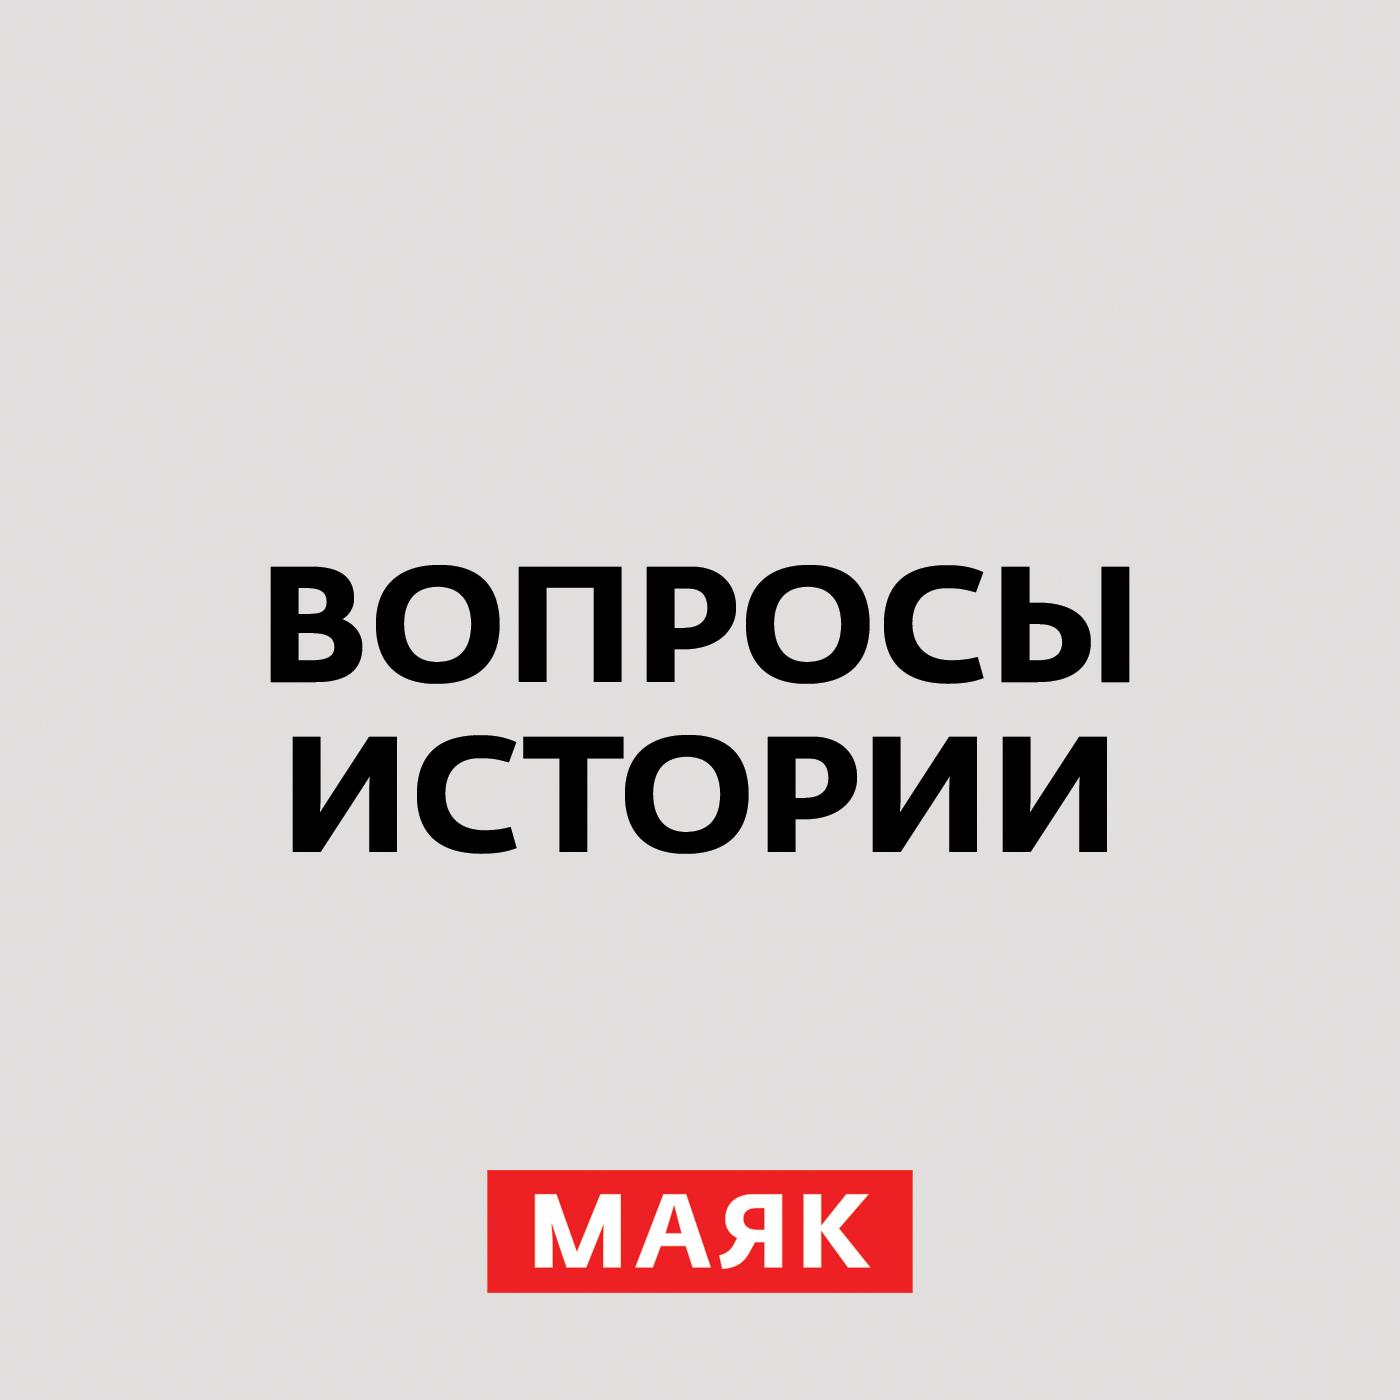 Андрей Светенко Первая наступательная операция Красной армии в 41-м. Часть 2 акция